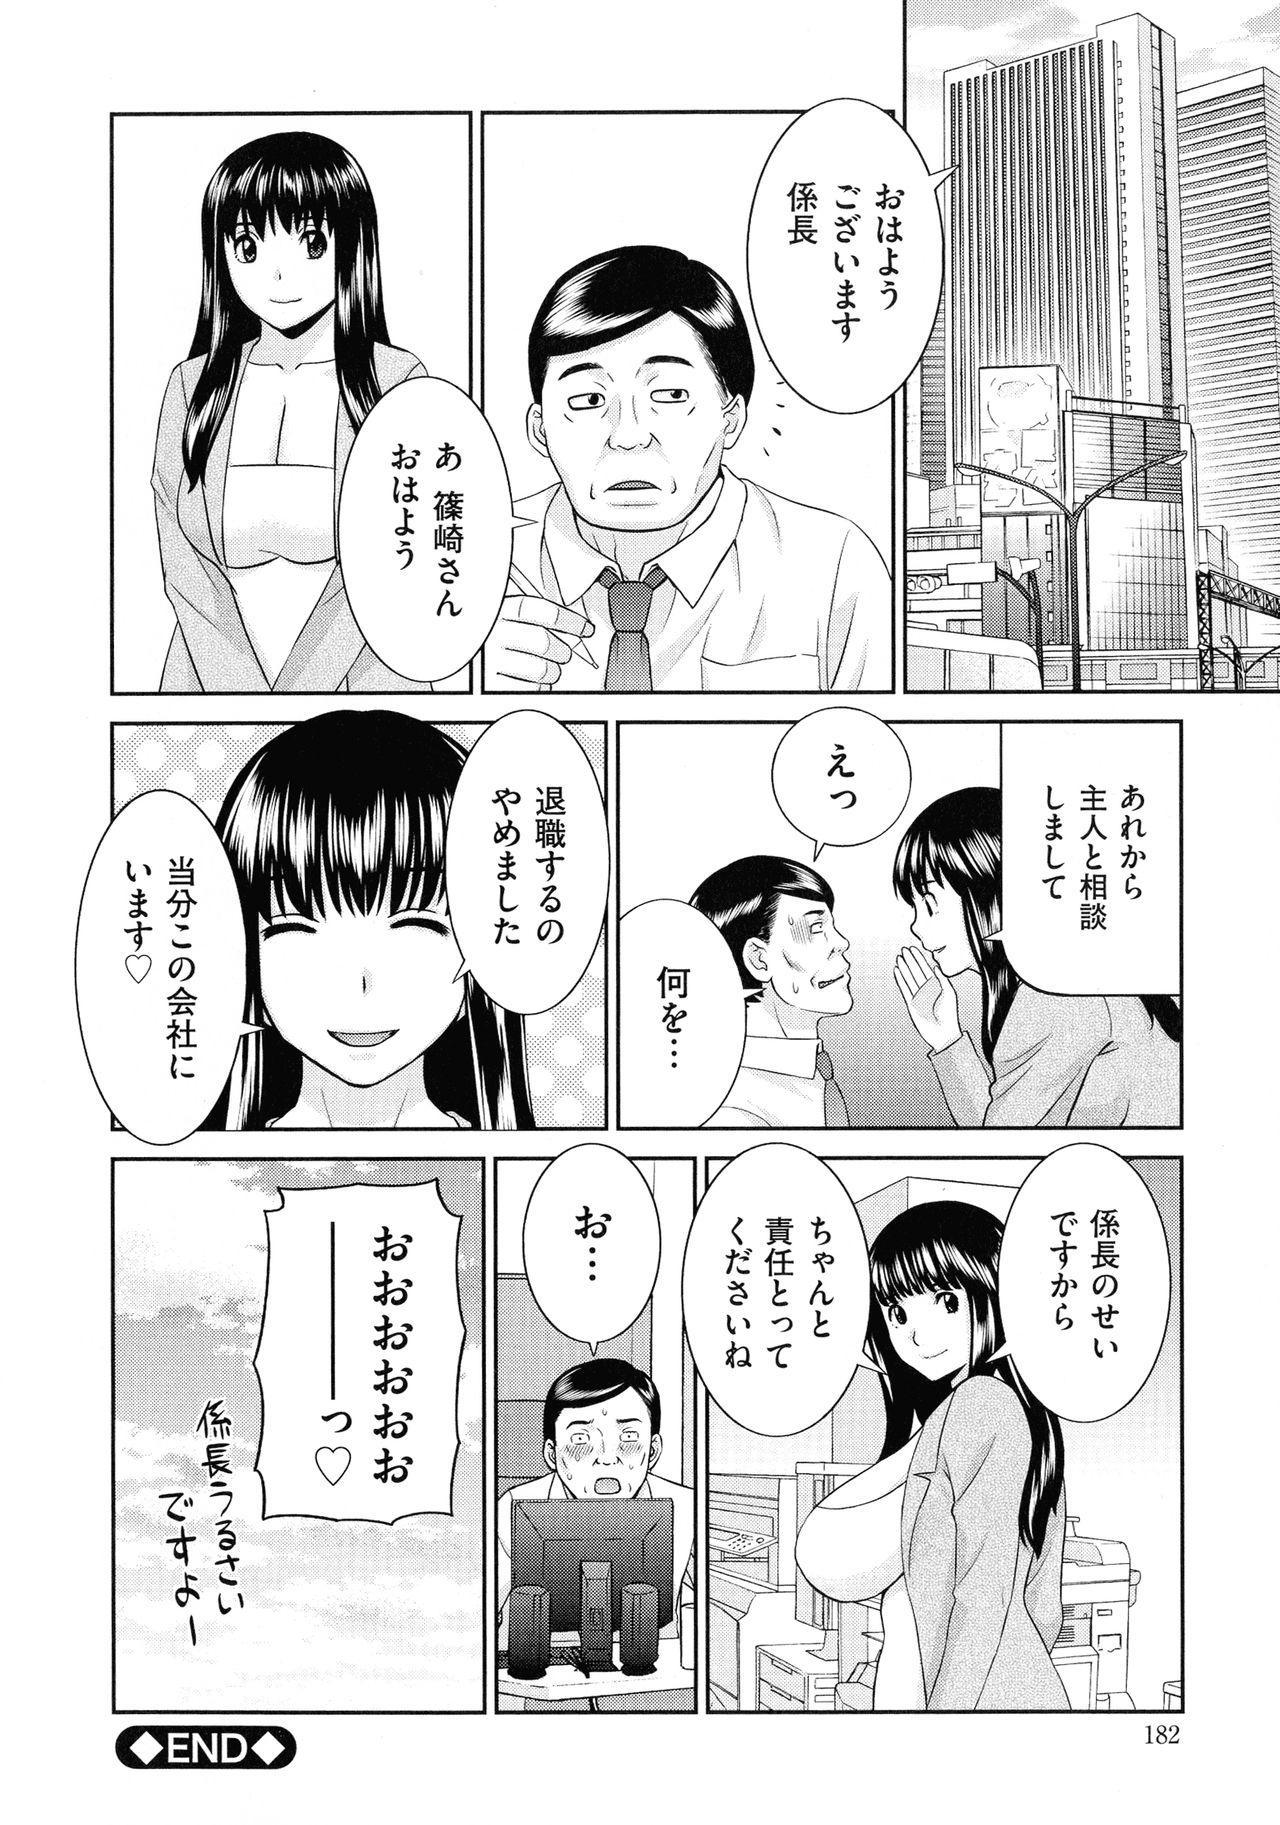 Tennen Torokeru Hatsujozuma 184